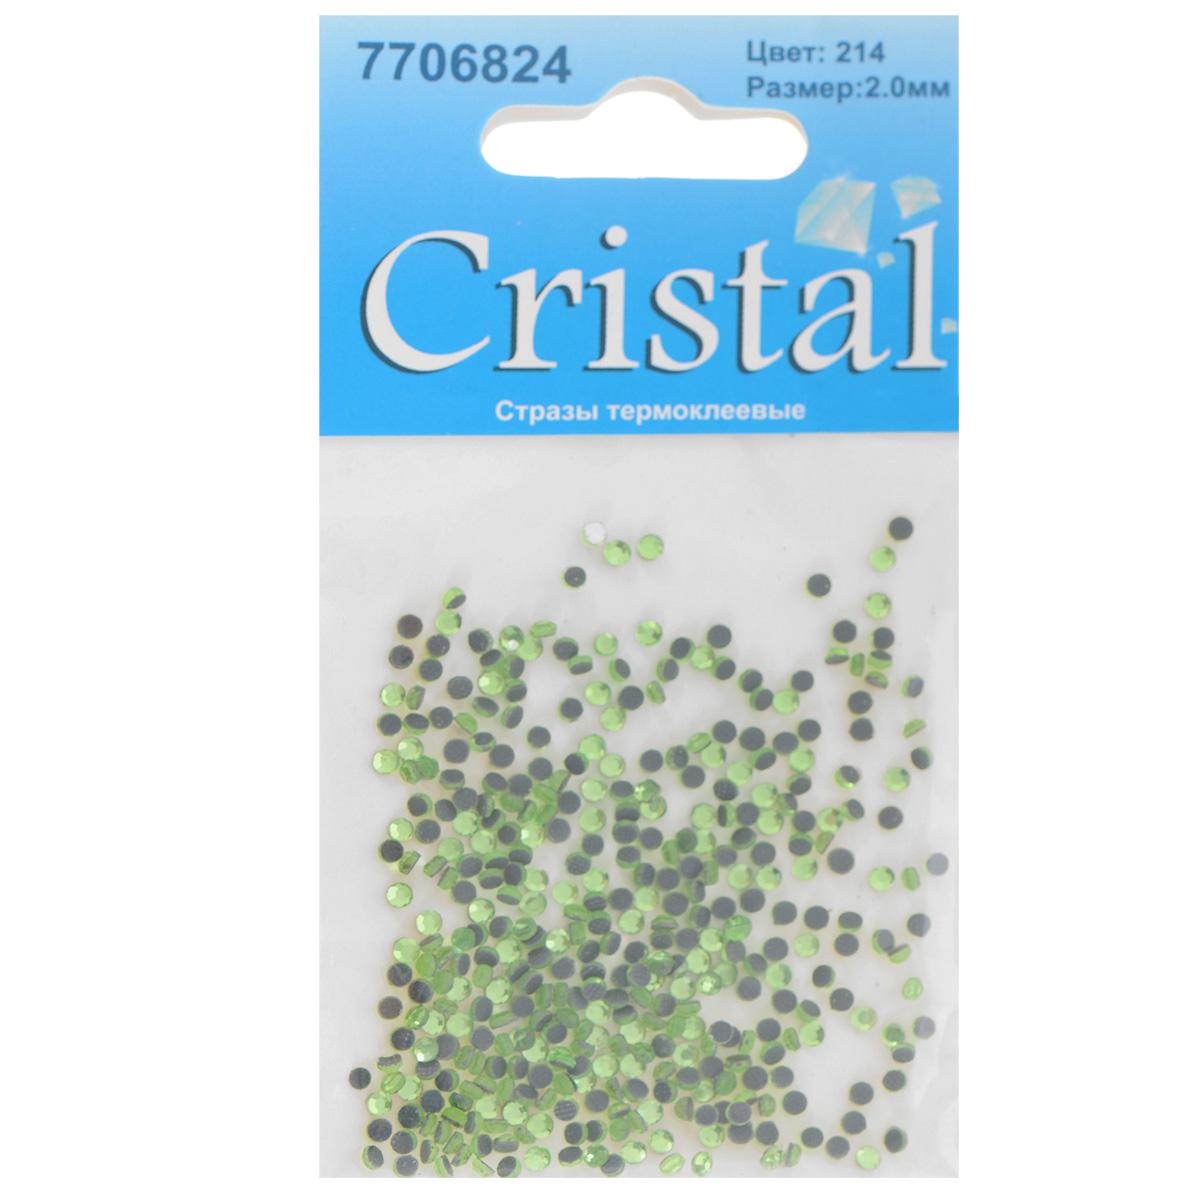 Стразы термоклеевые Cristal, цвет: светло-зеленый (214), диаметр 2 мм, 432 шт09840-20.000.00Набор термоклеевых страз Cristal, изготовленный из высококачественного акрила, позволит вам украсить одежду, аксессуары или текстиль. Яркие стразы имеют плоское дно и круглую поверхность с гранями.Дно термоклеевых страз уже обработано особым клеем, который под воздействием высоких температур начинает плавиться, приклеиваясь, таким образом, к требуемой поверхности. Чаще всего их используют в текстильной промышленности: стразы прикладывают к ткани и проглаживают утюгом с обратной стороны. Также можно использовать специальный паяльник. Украшение стразами поможет сделать любую вещь оригинальной и неповторимой. Диаметр страз: 2 мм.